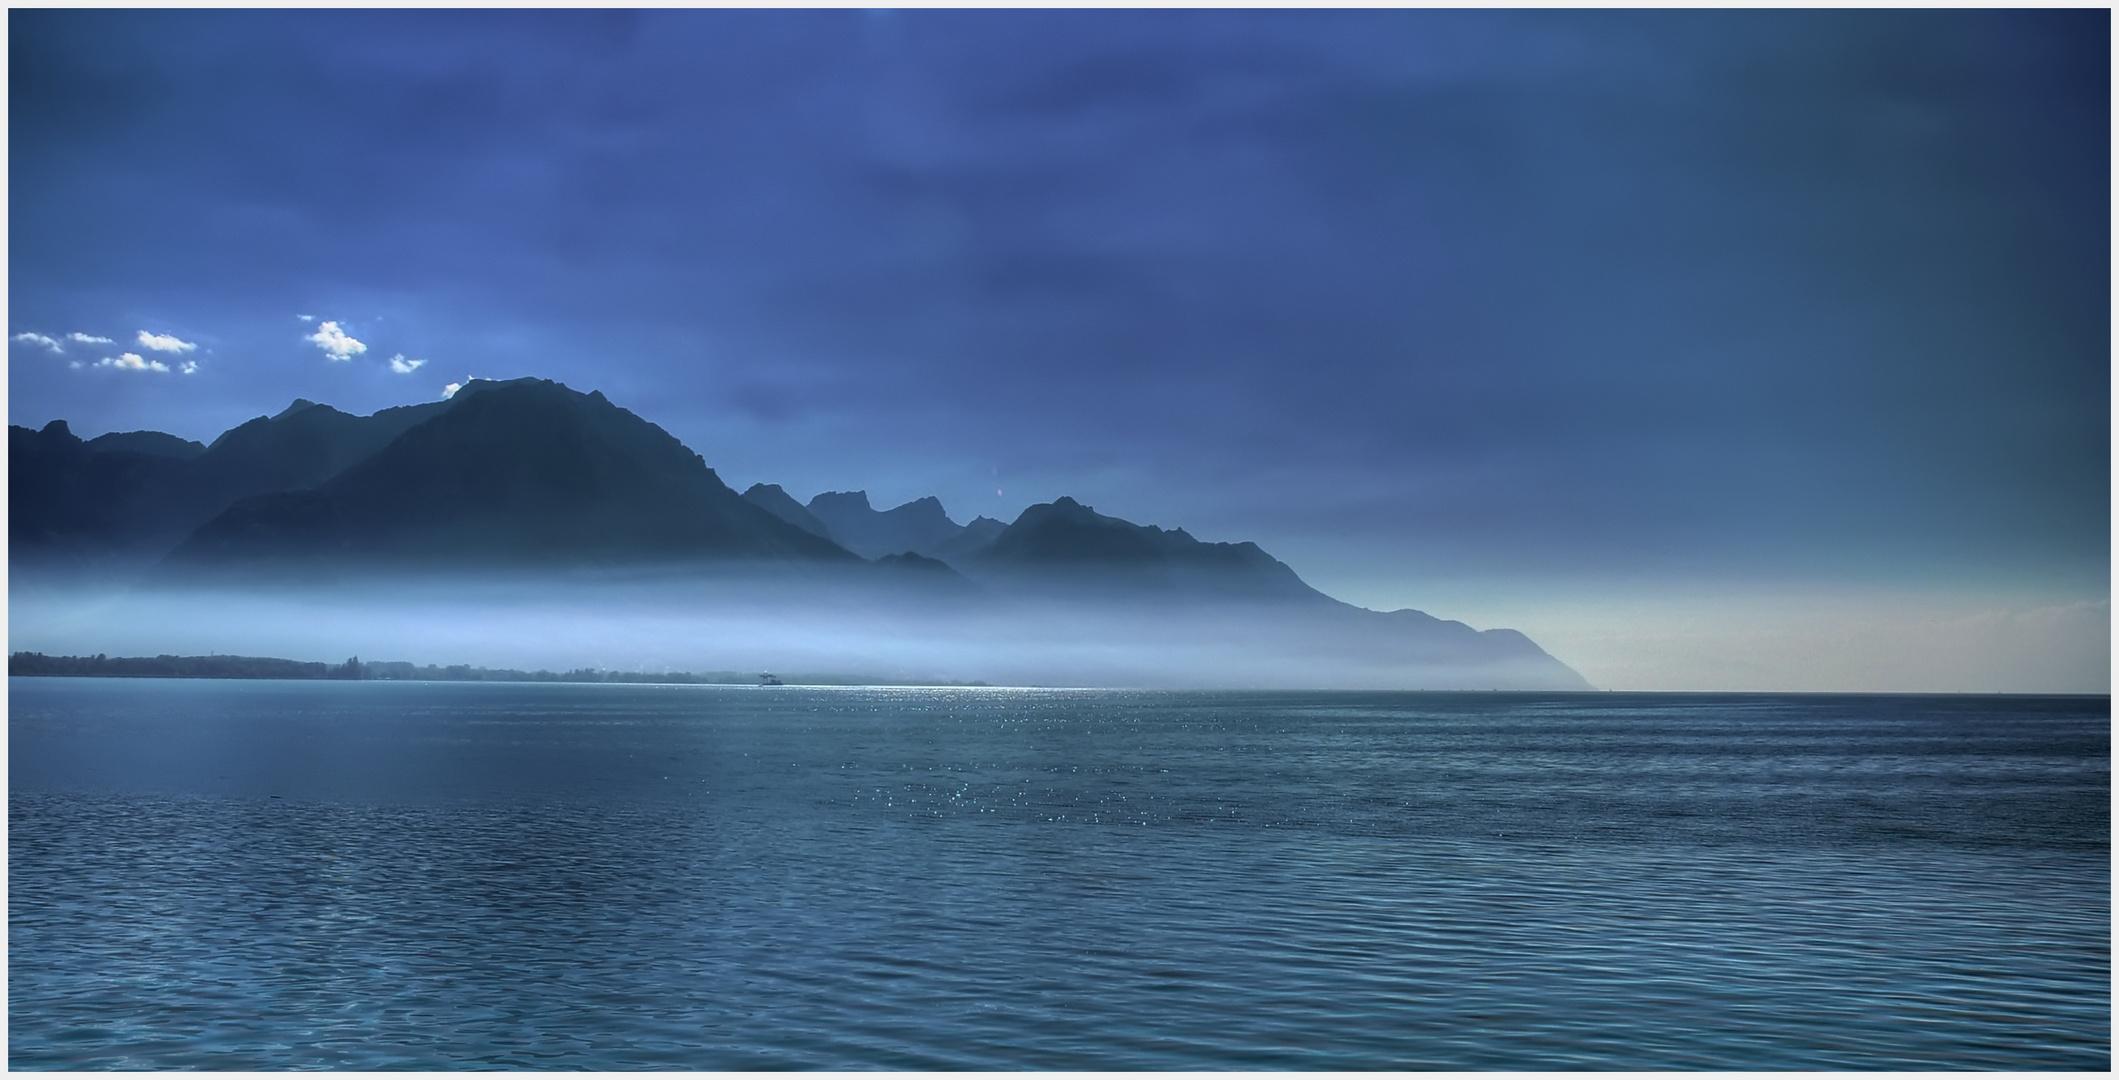 Lac Léman bei Montreux